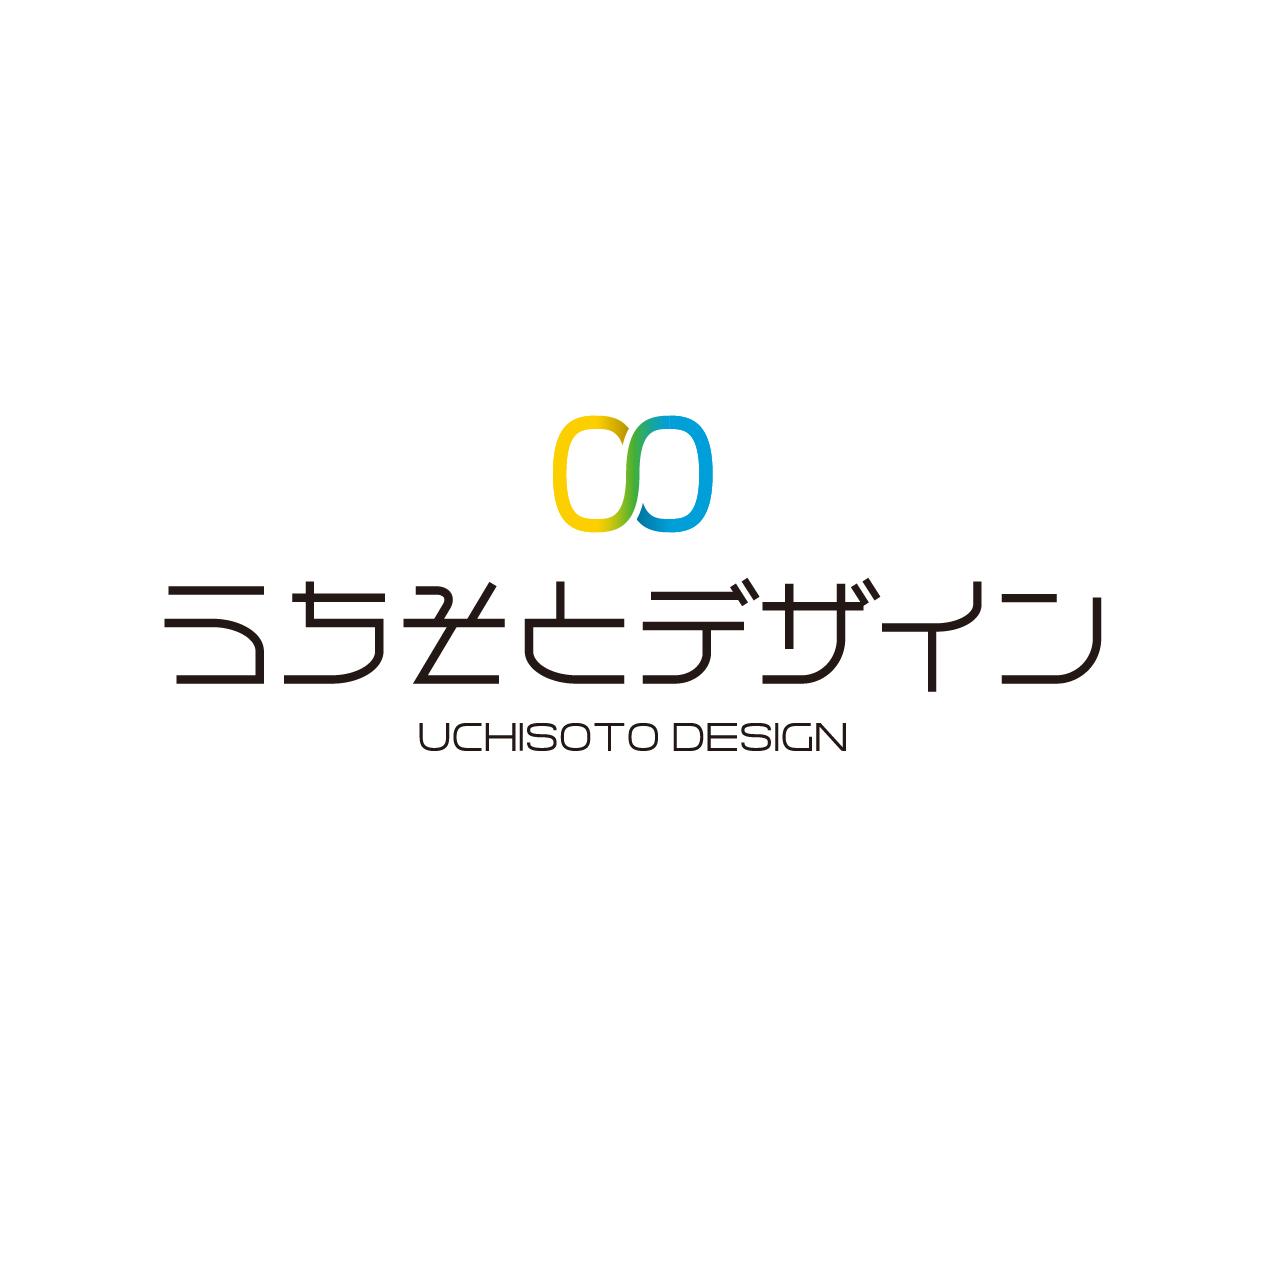 LOGO「うちそとデザイン」